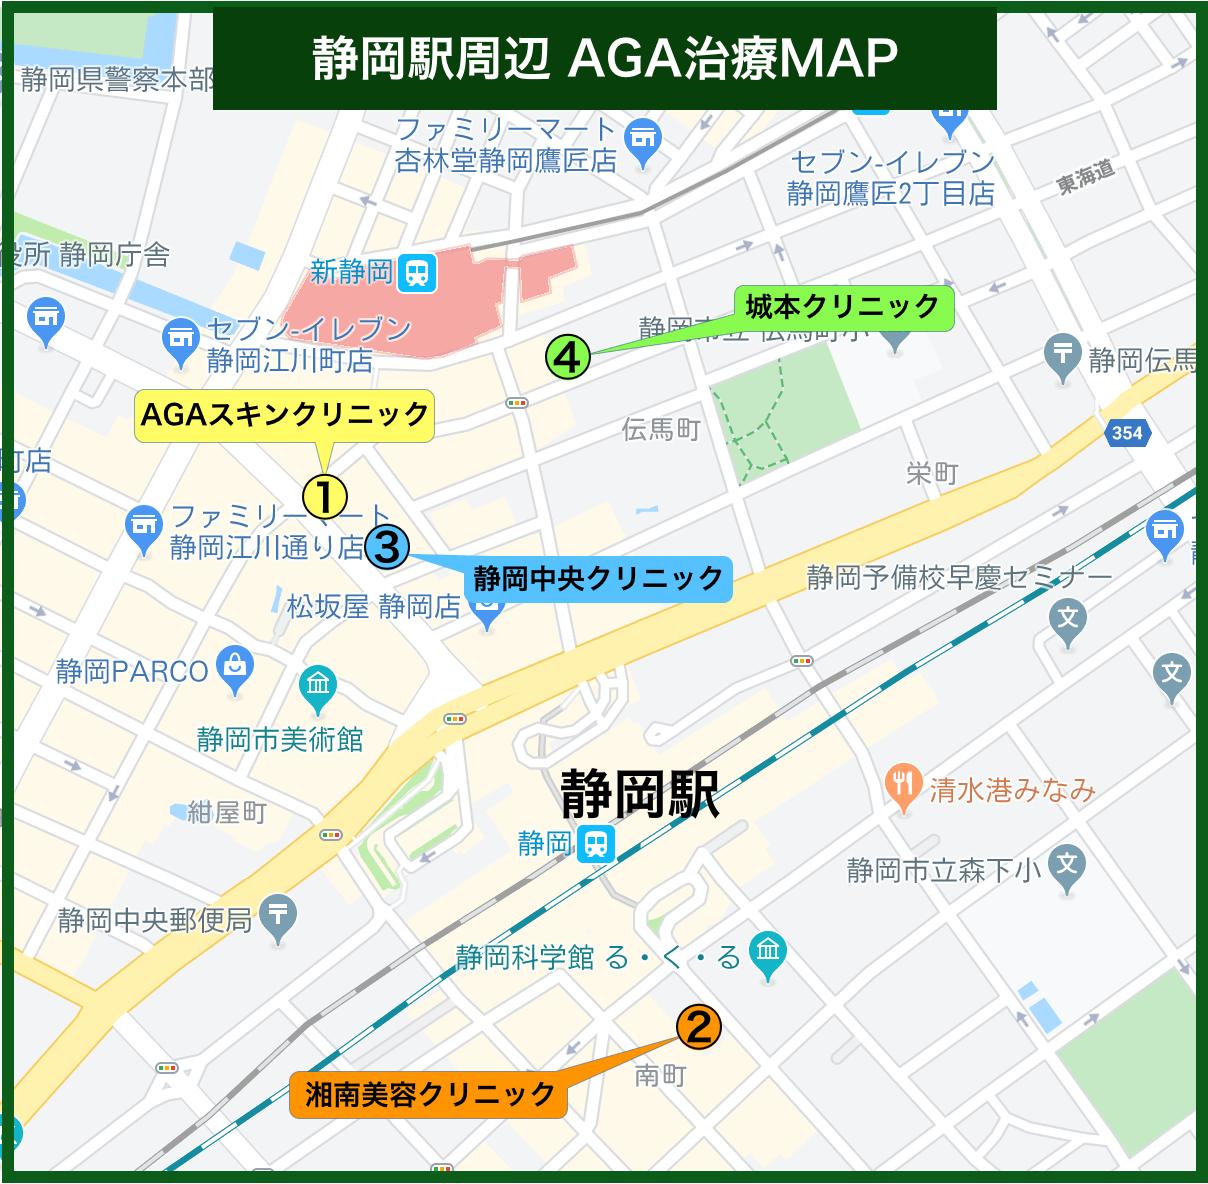 静岡駅周辺 AGA治療MAP